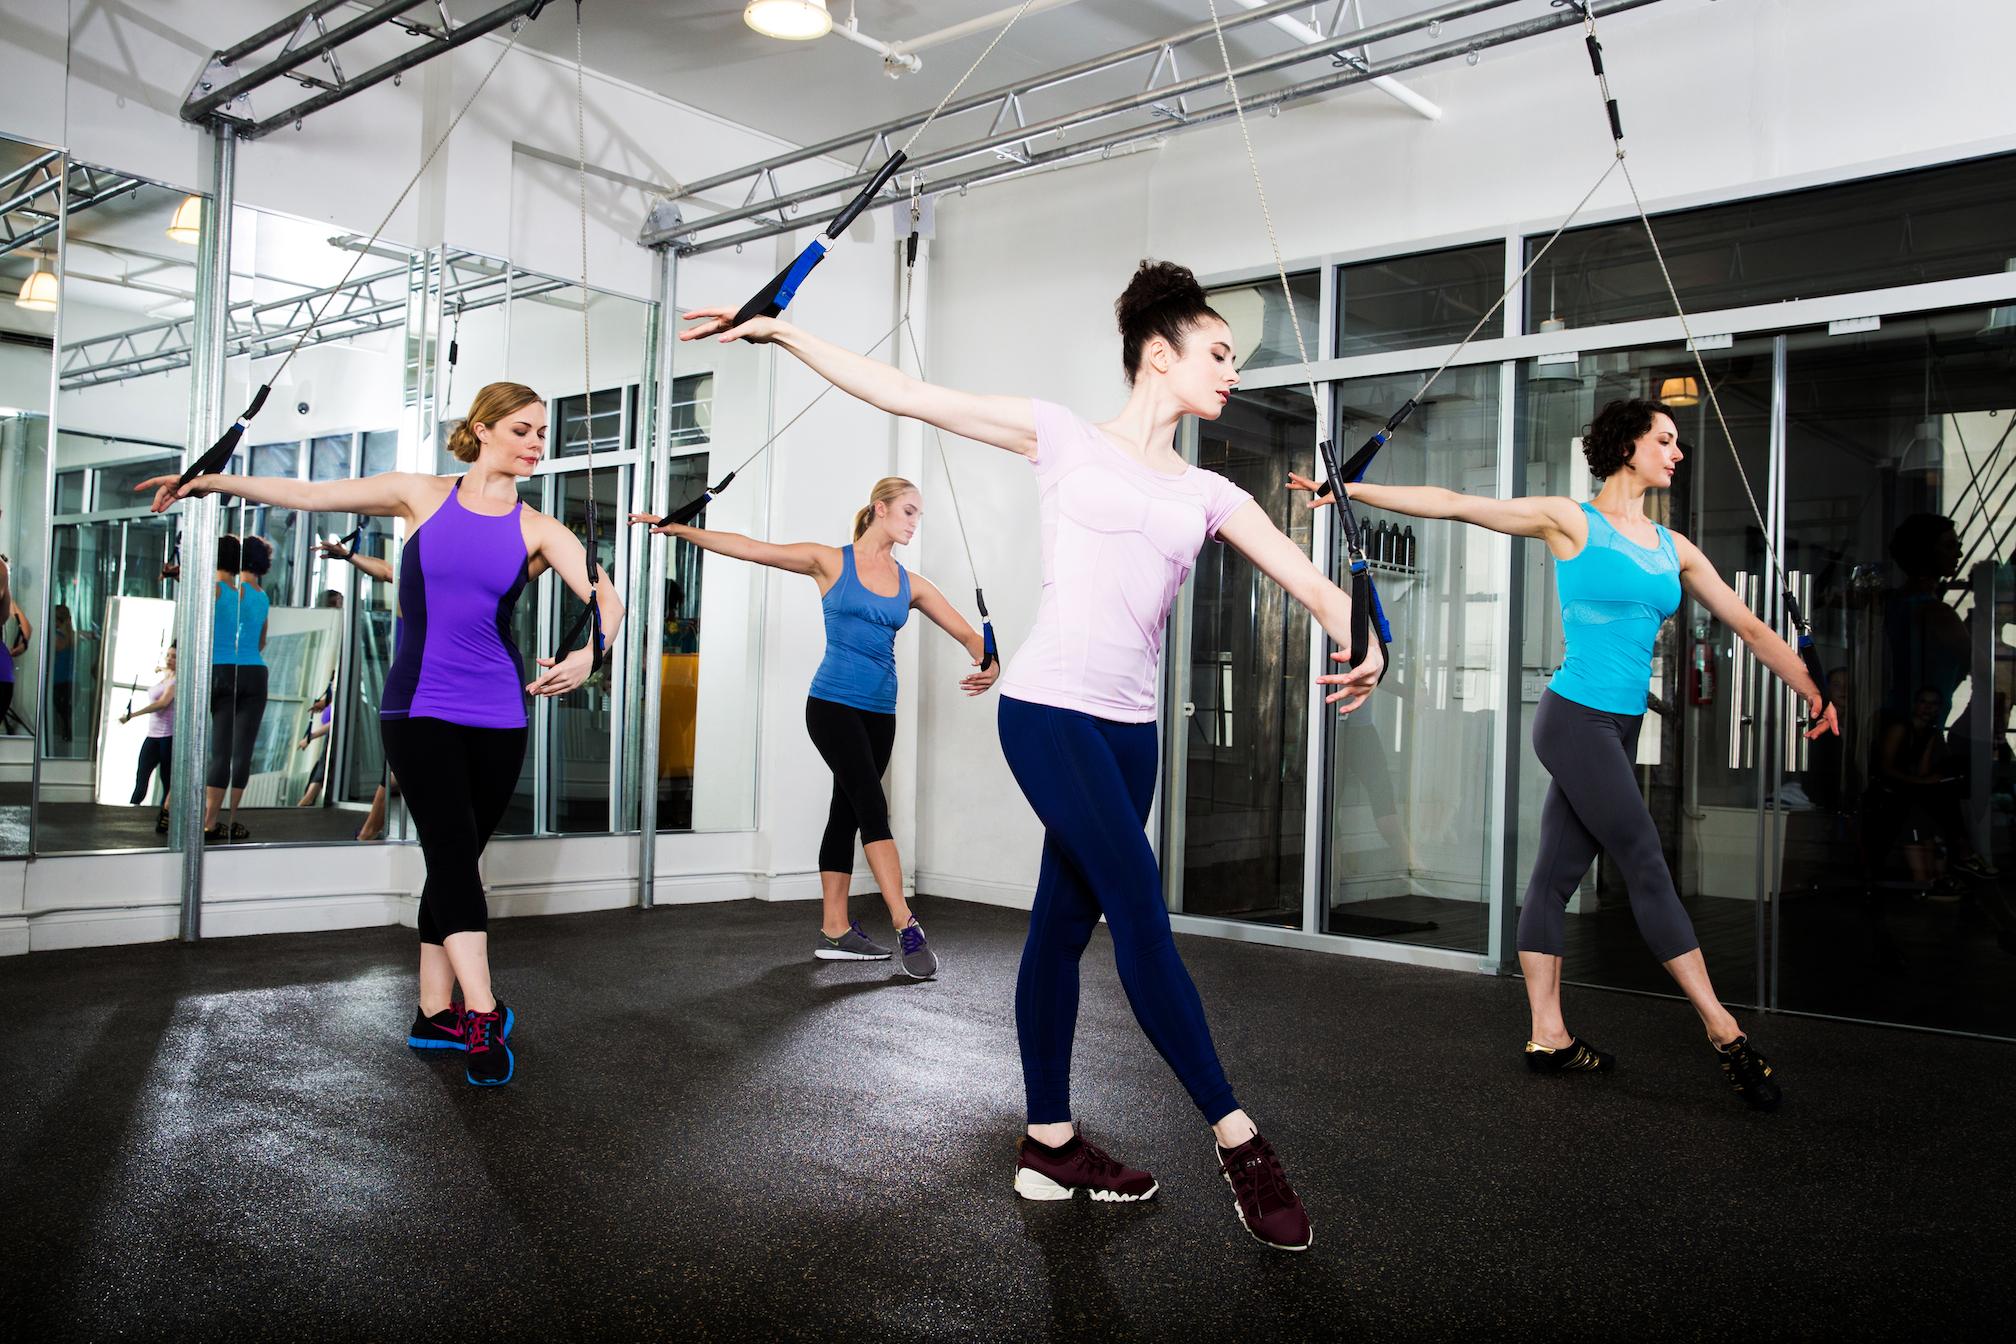 ballet bungee class